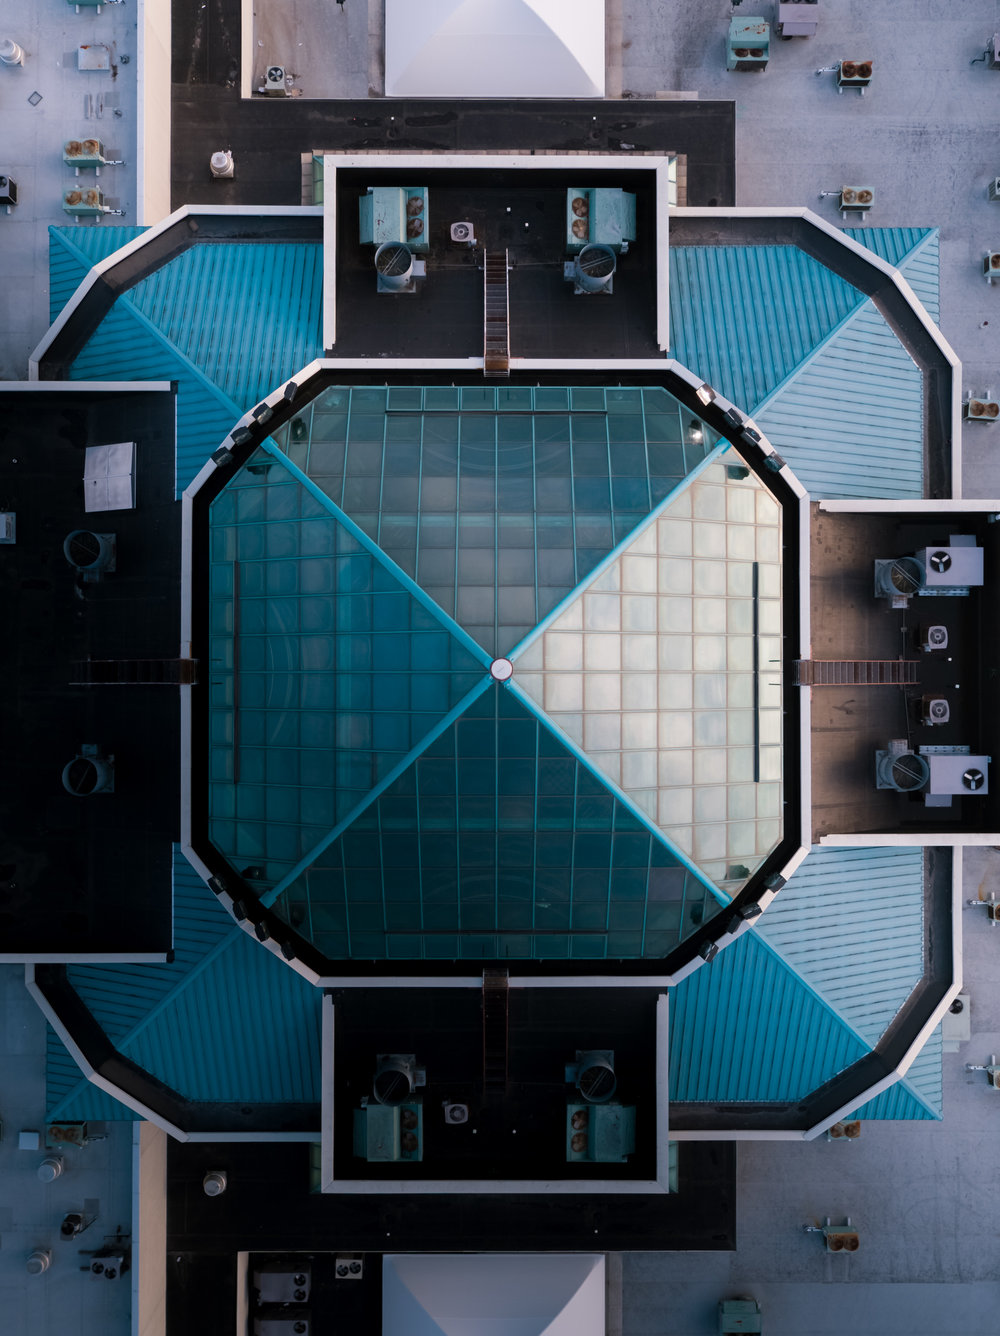 mallspiresyr_typoland_aerial.jpg